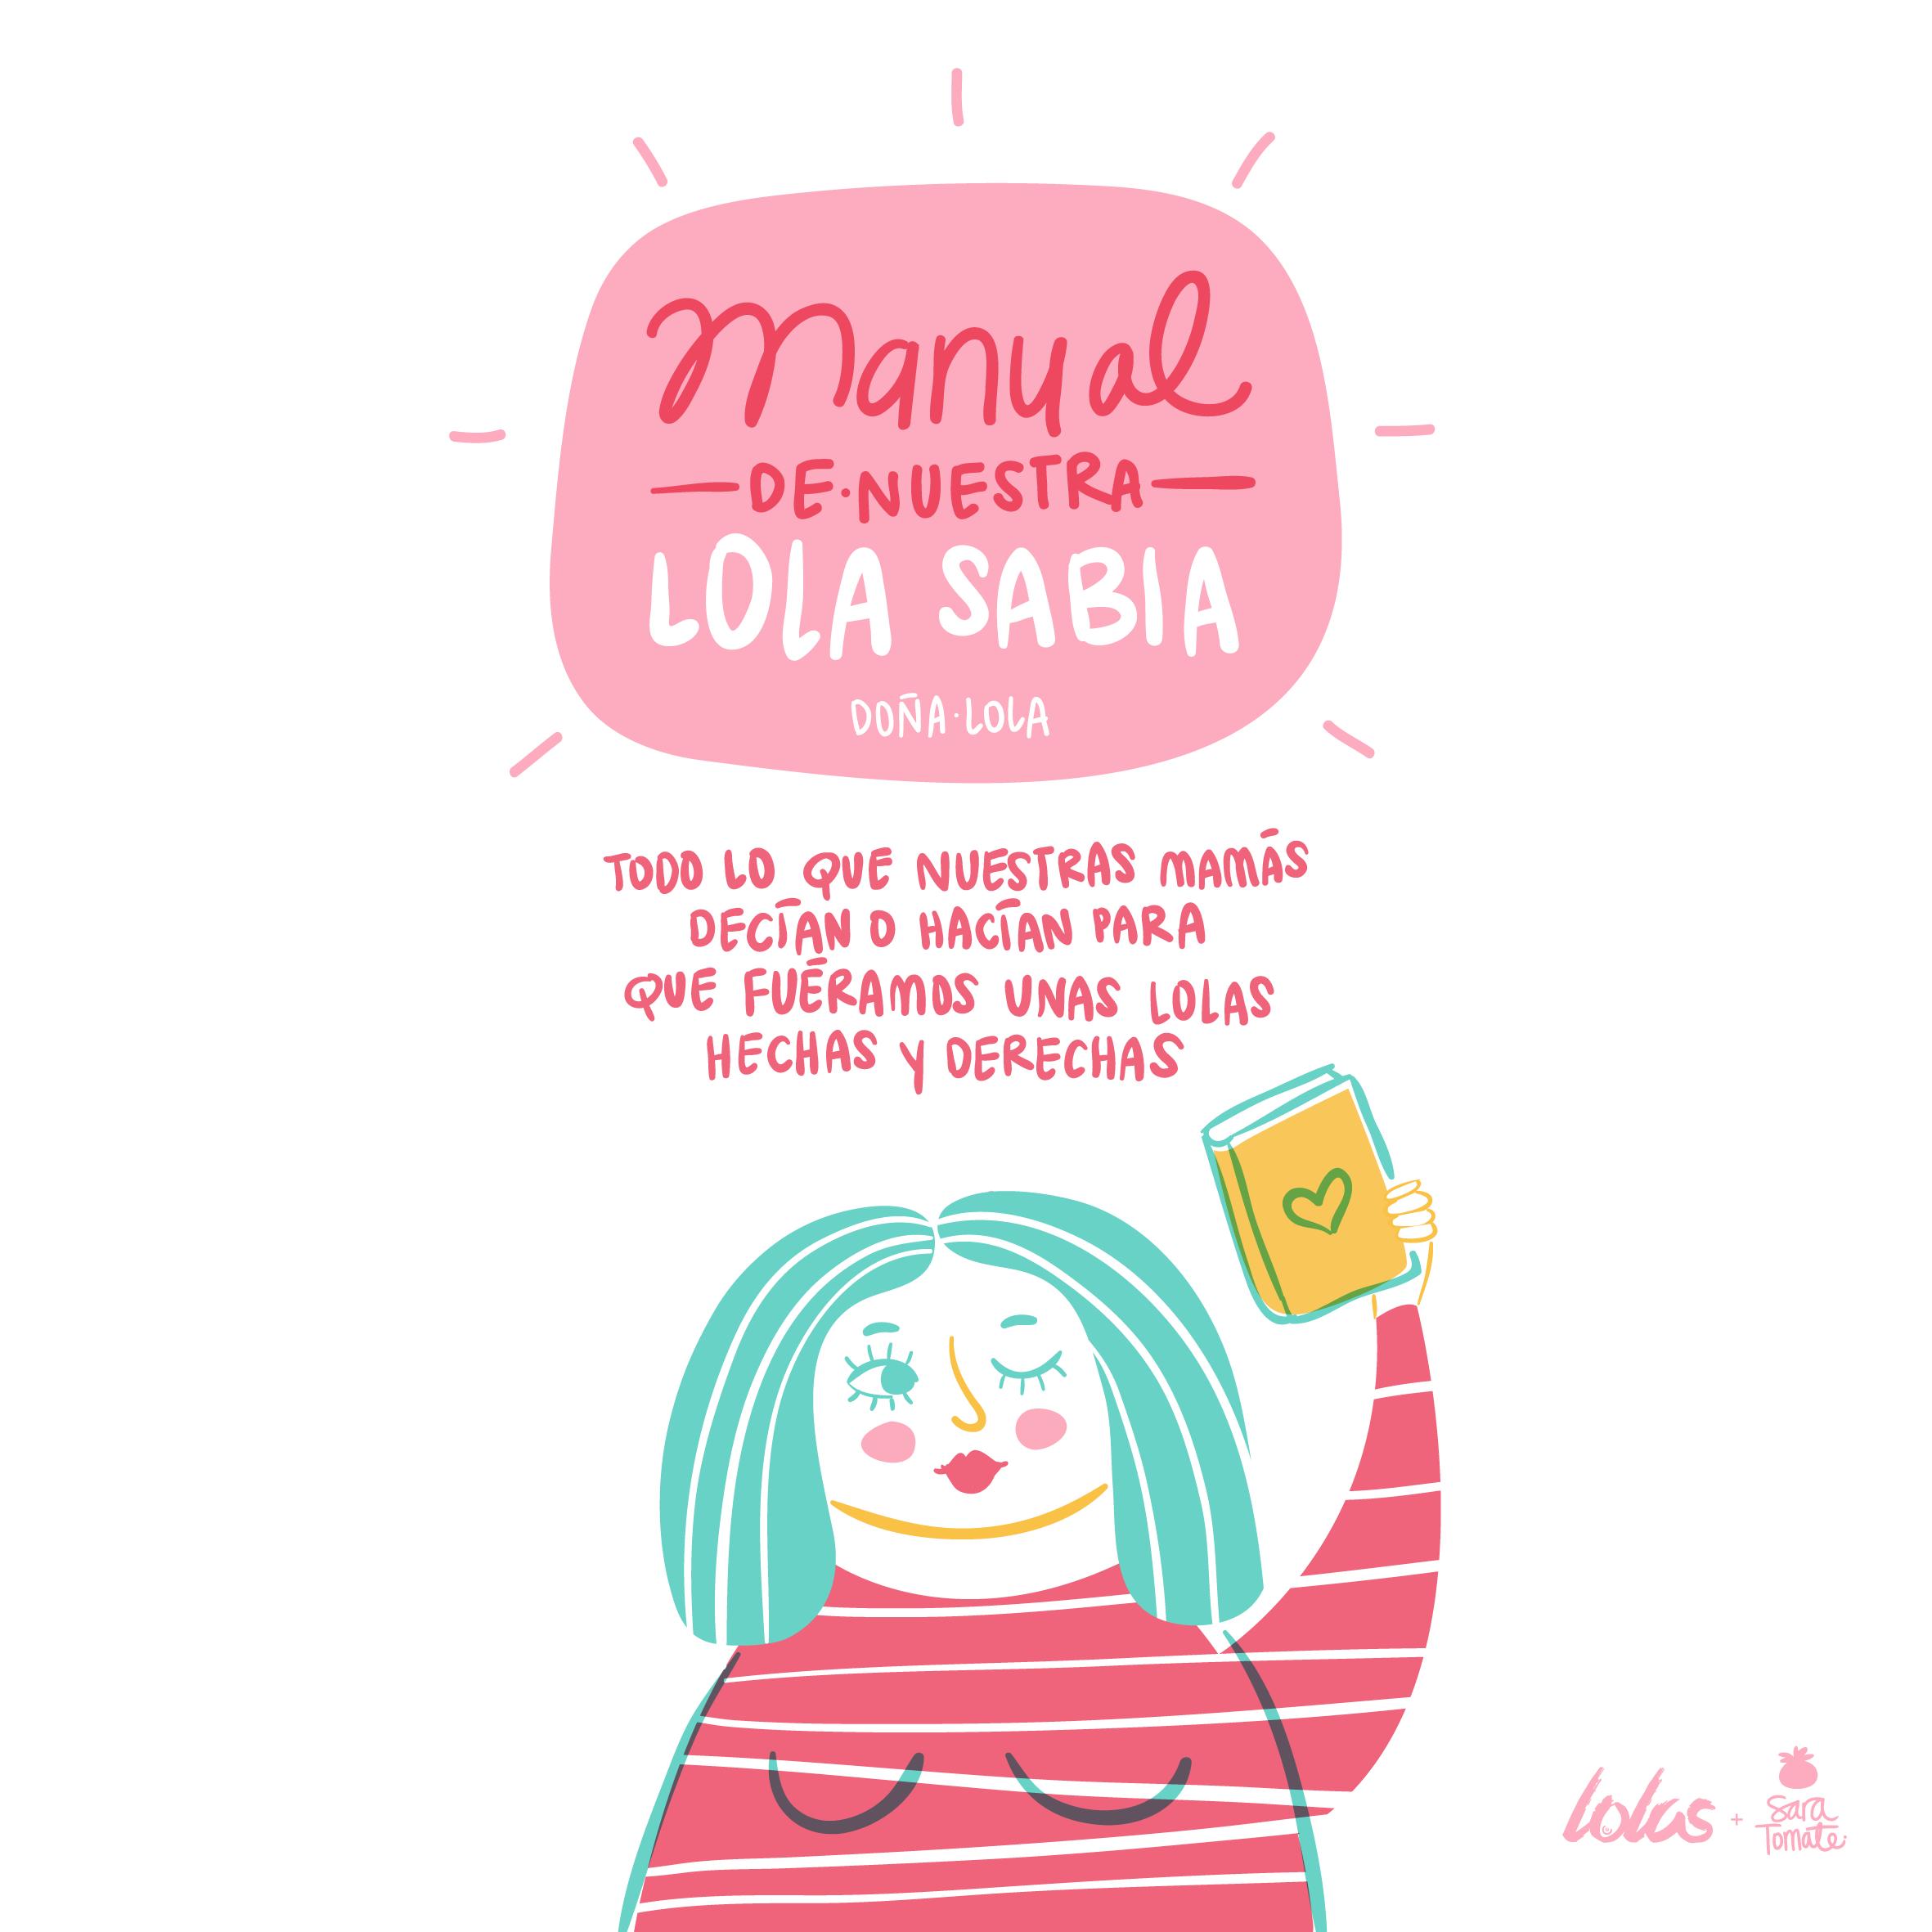 Manual de nuestra Lola Sabia